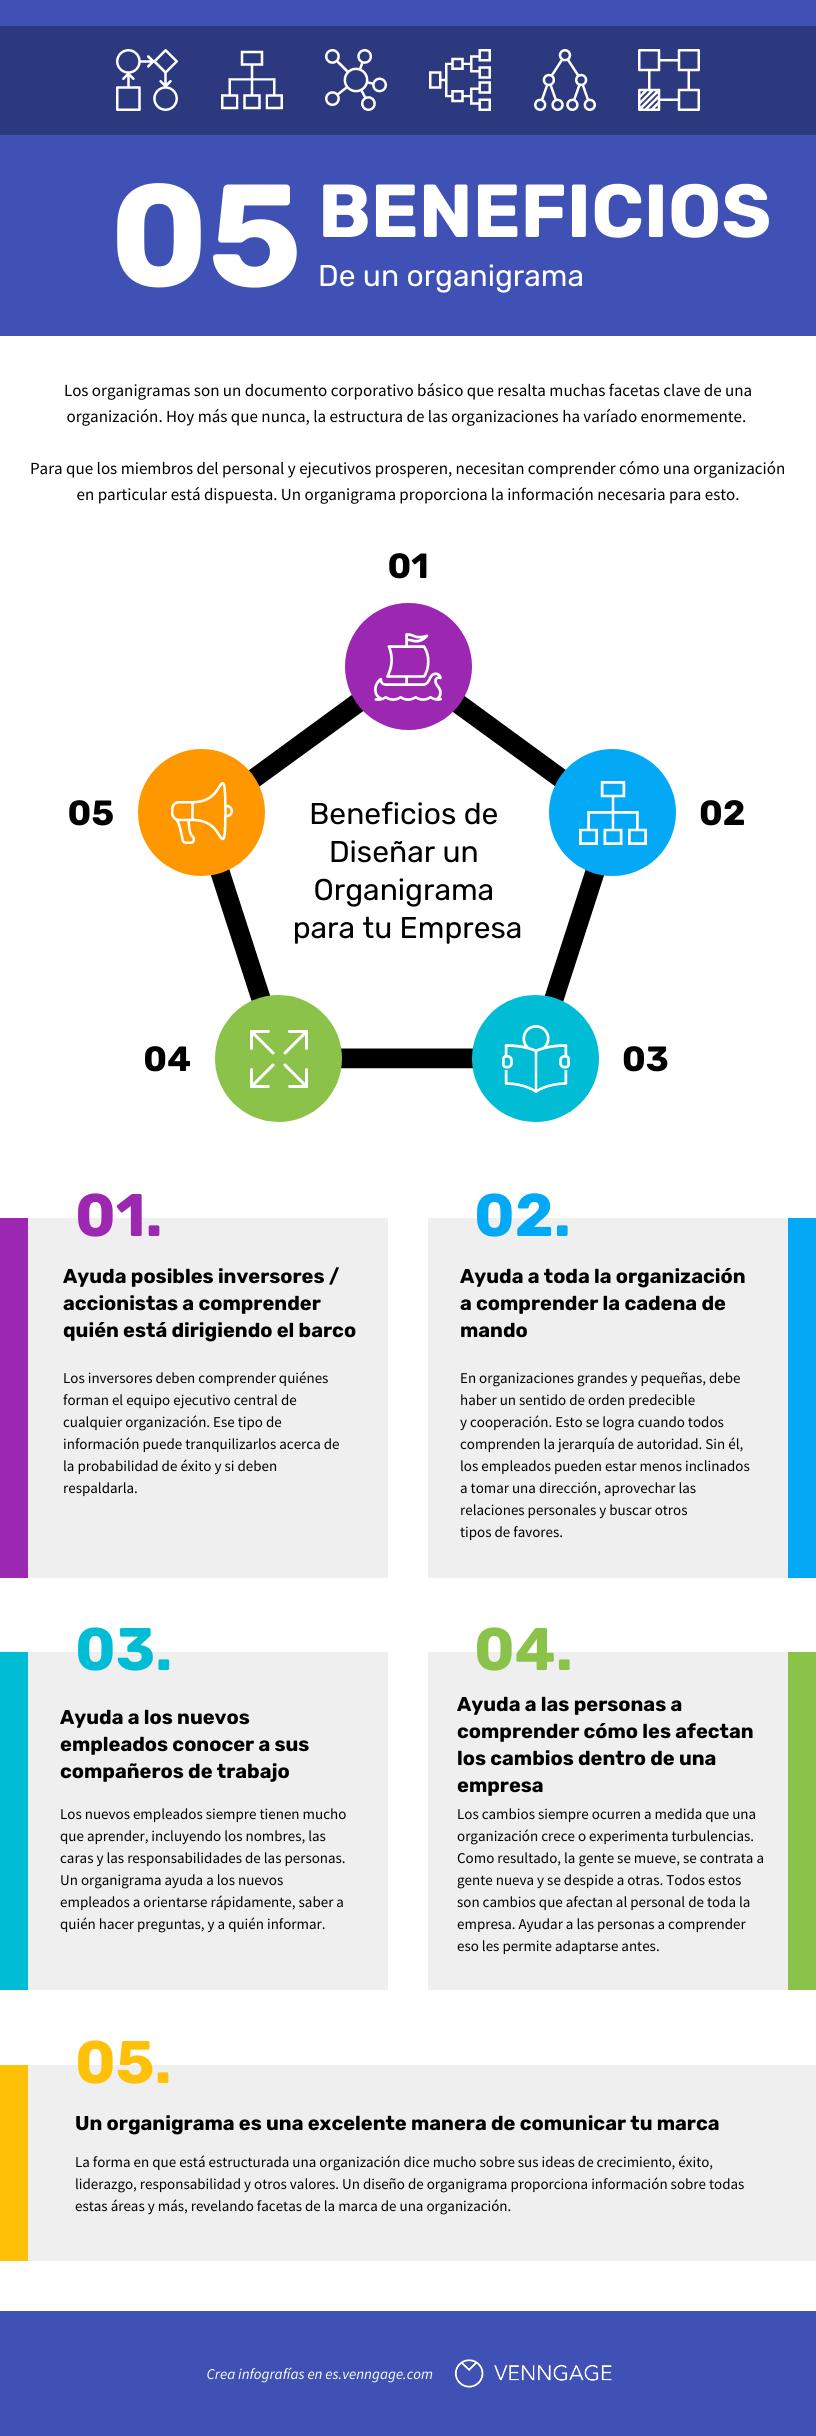 Infografia de organigramas de una empresa